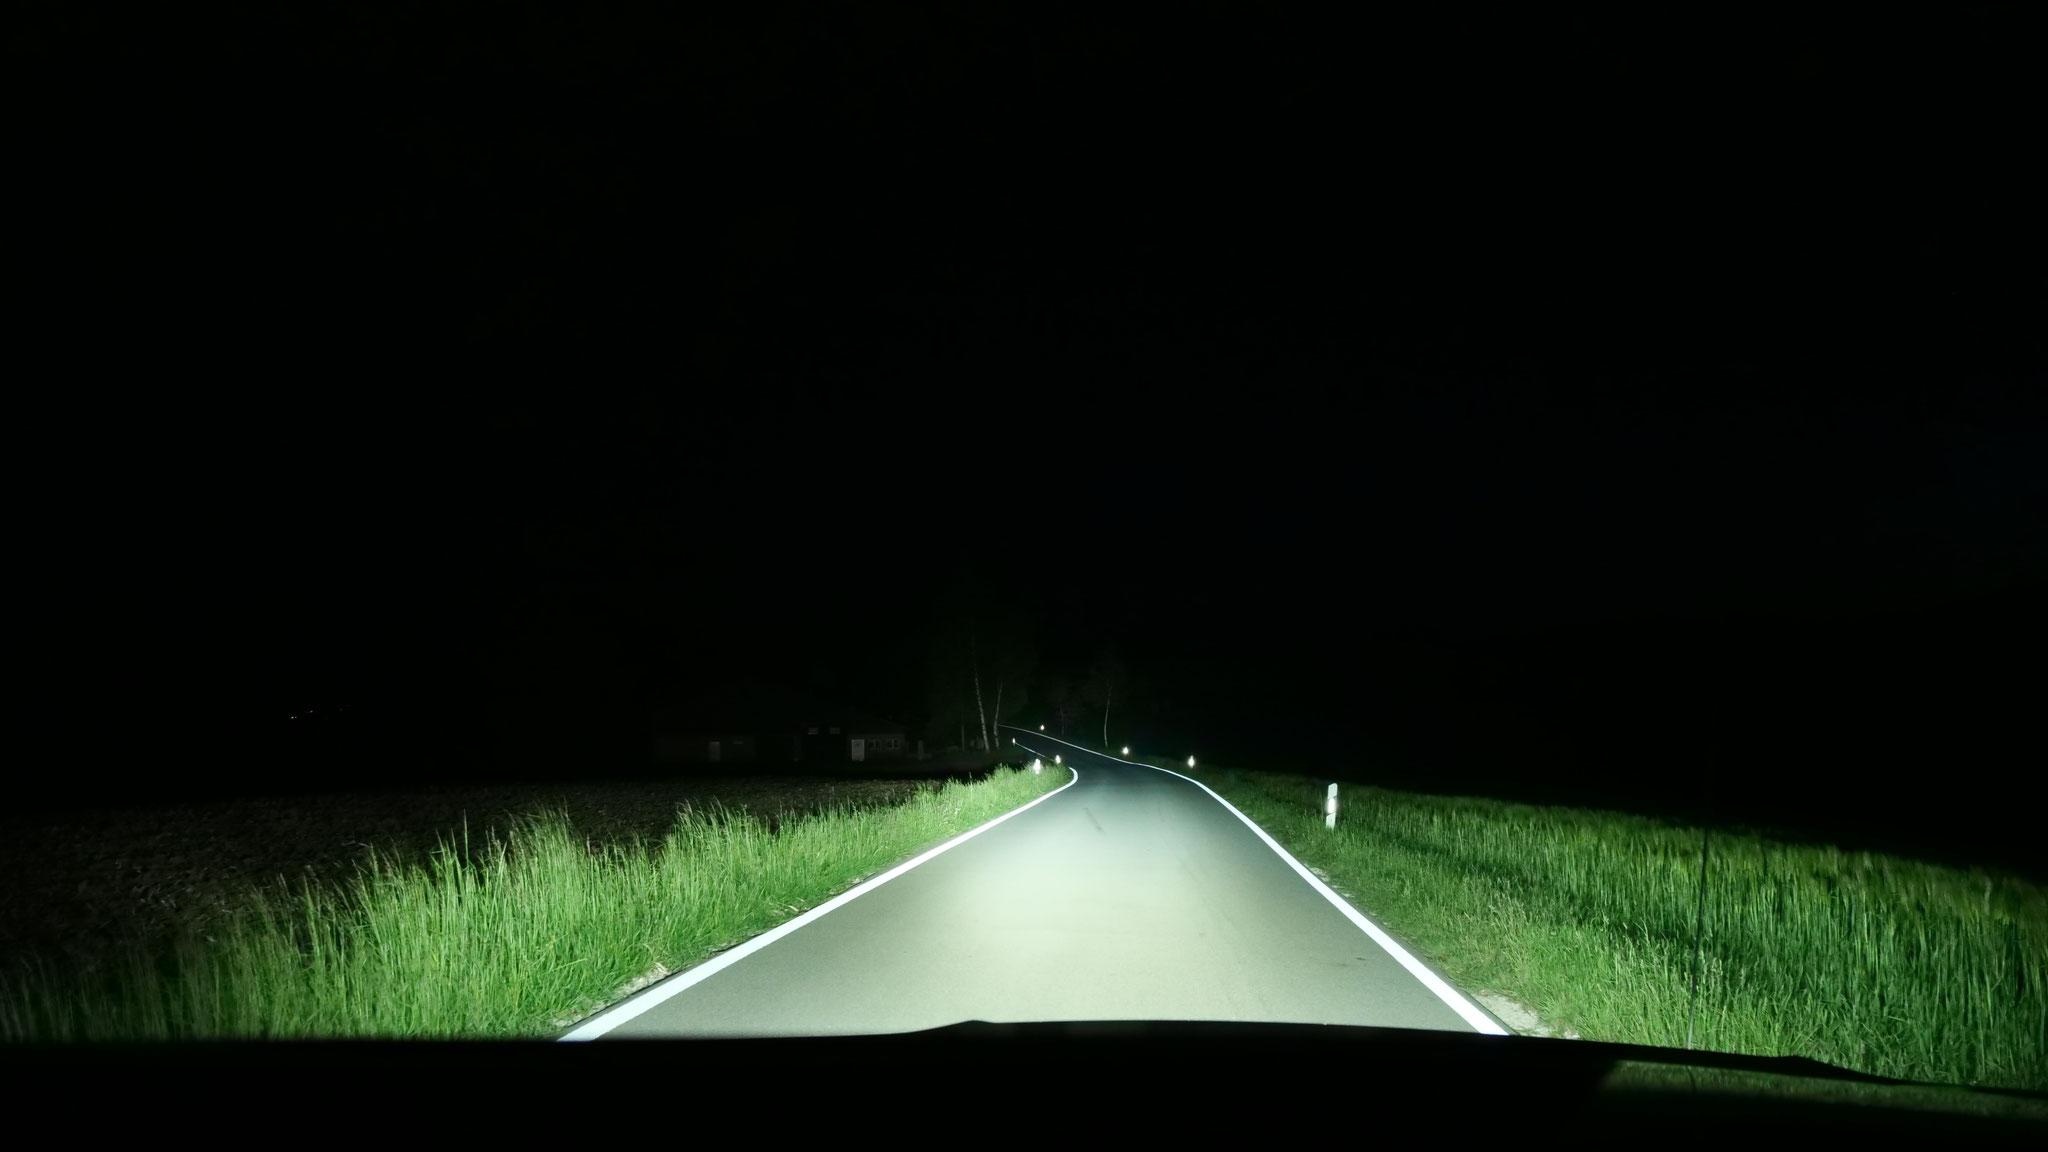 LED Scheinwerfer off road Lightpartz LTPRTZ DL011-C Kombo flood spot lights lamp Highbeam Strassen zugelassene Offroad Scheinwerfer e geprüft hell #projektblackwolf